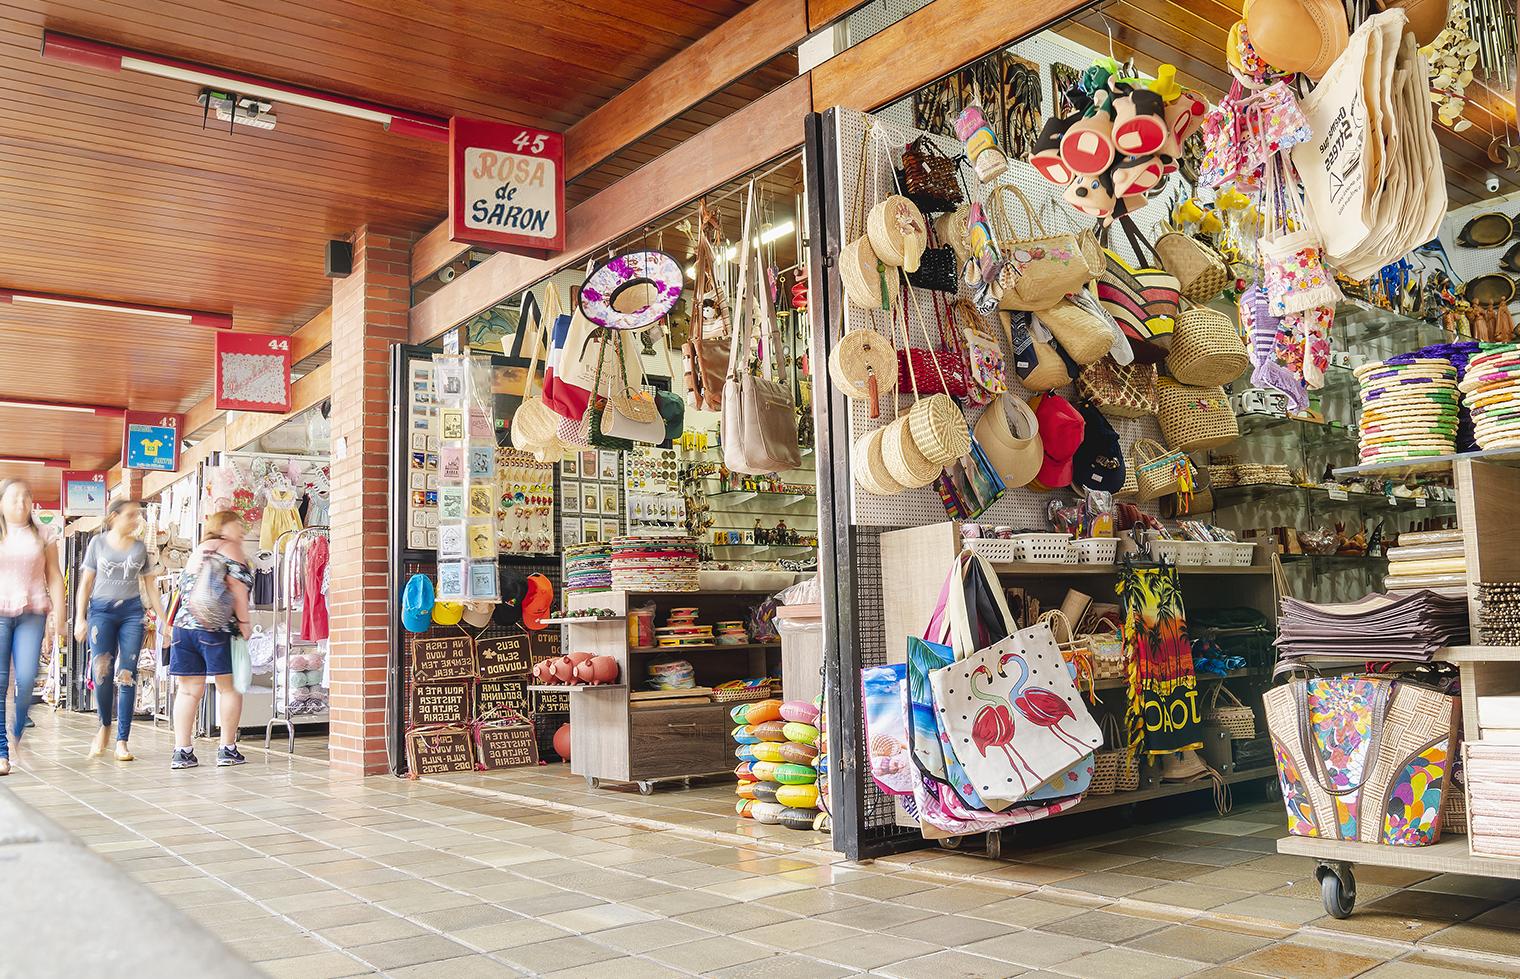 Loja eficiente, calendário de vendas e estratégias promocionais fazem a diferença no varejo nordestino